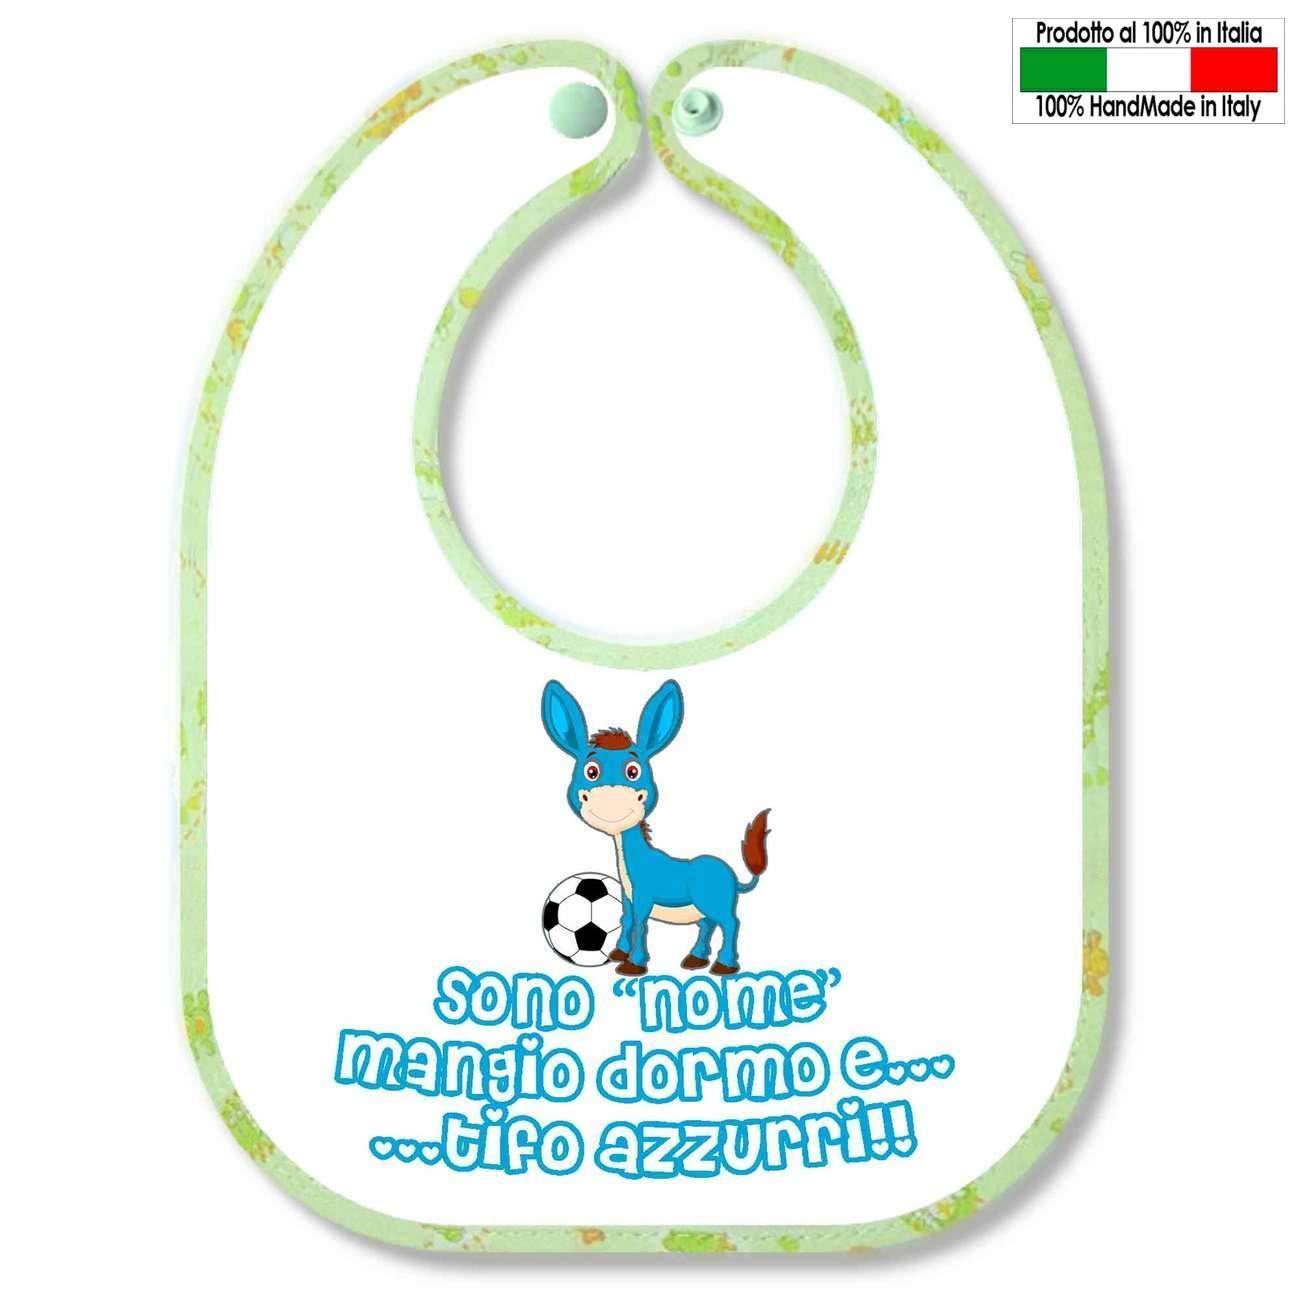 Babero personalizable con diseño de futbolín de Nápoles Sono. Tífo ...